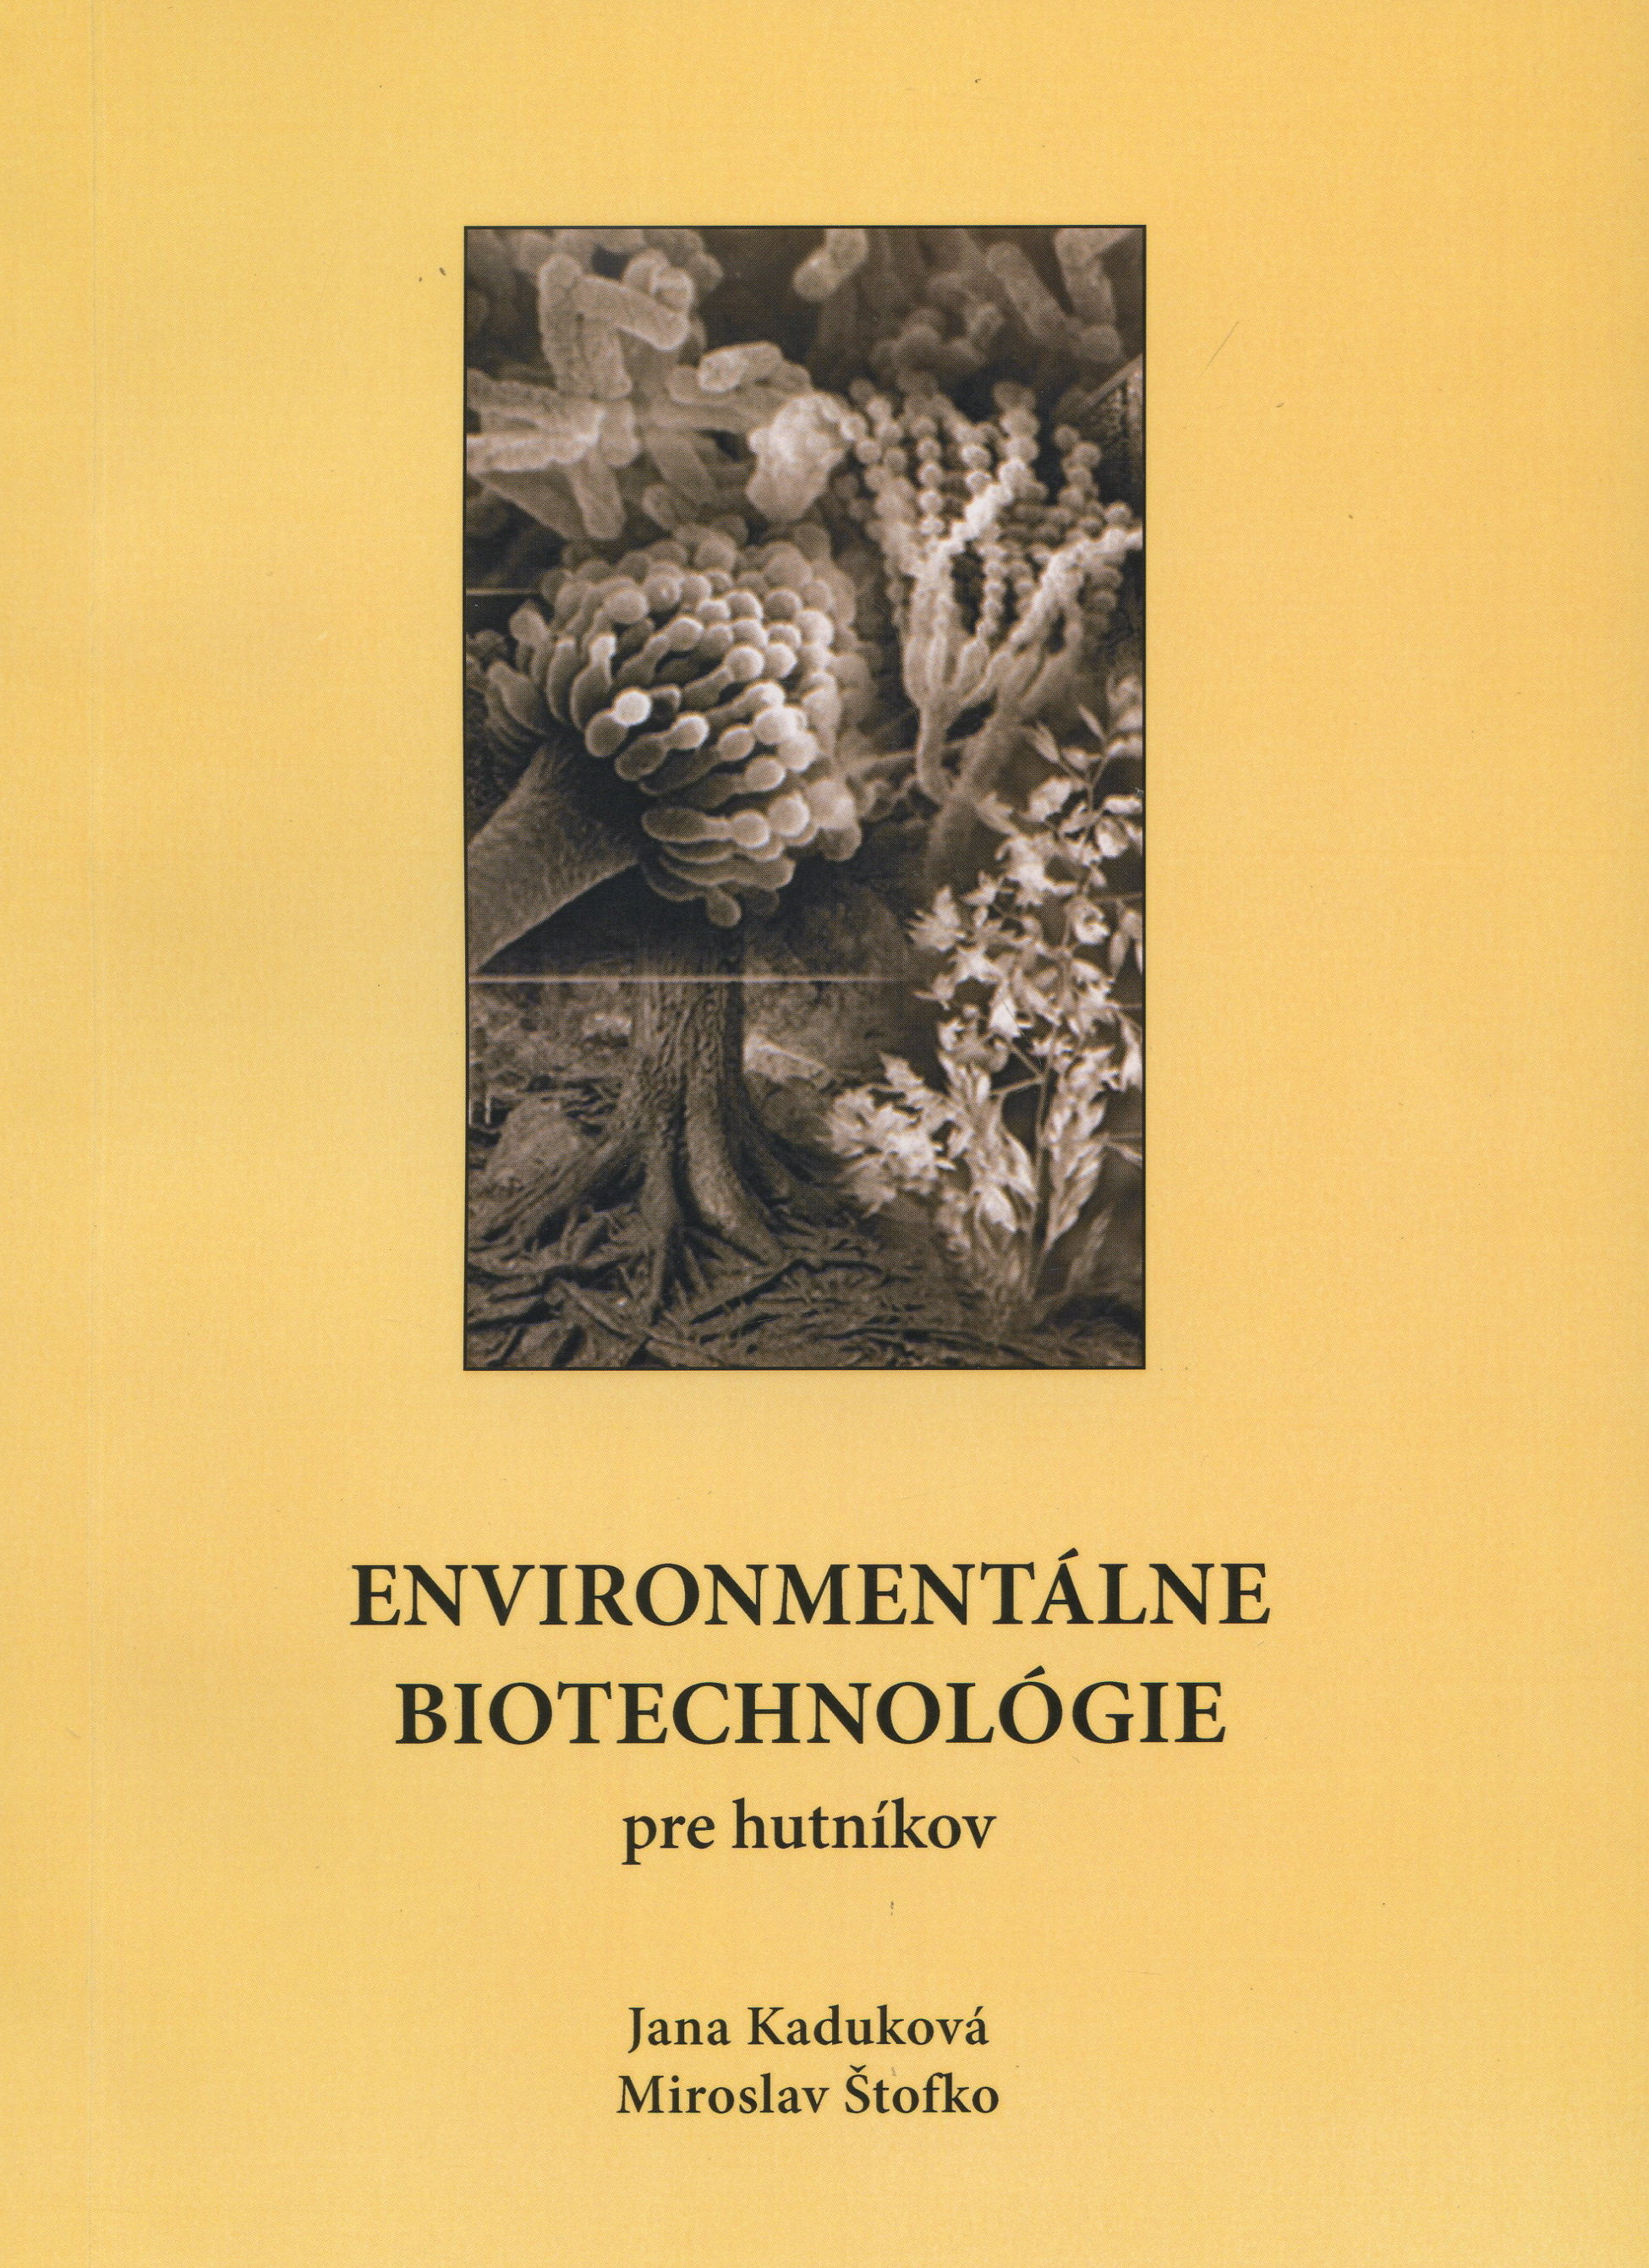 Environmentálne biotechnológie pre hutníkov